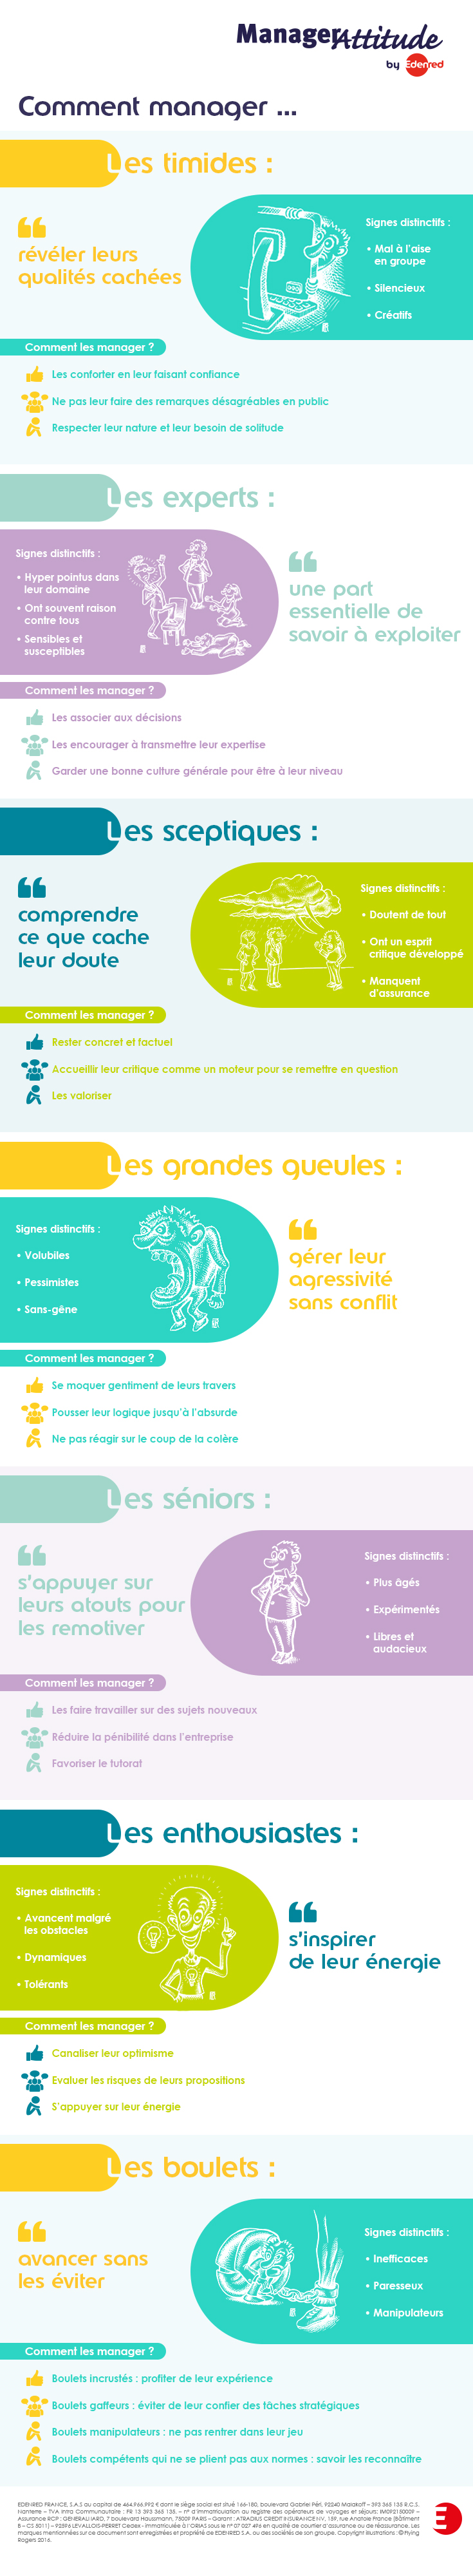 infographie-management-personnalites-difficiles